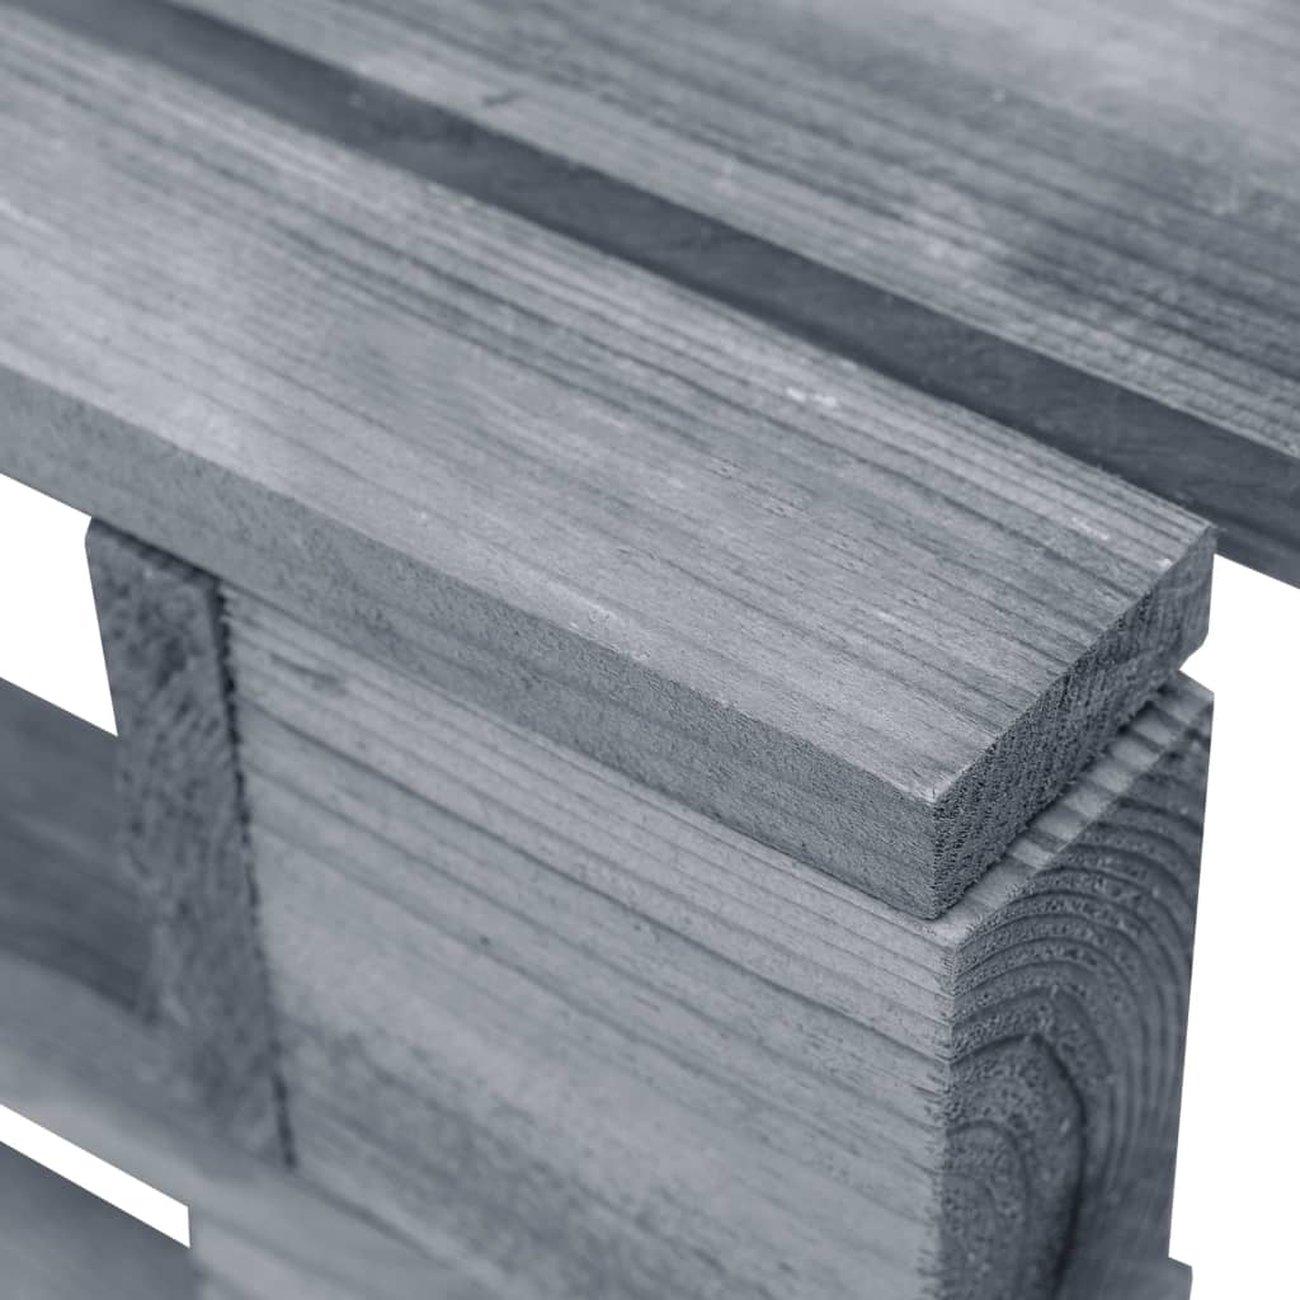 vidaxl repose pied palette de jardin bois fsc gris 4 v2